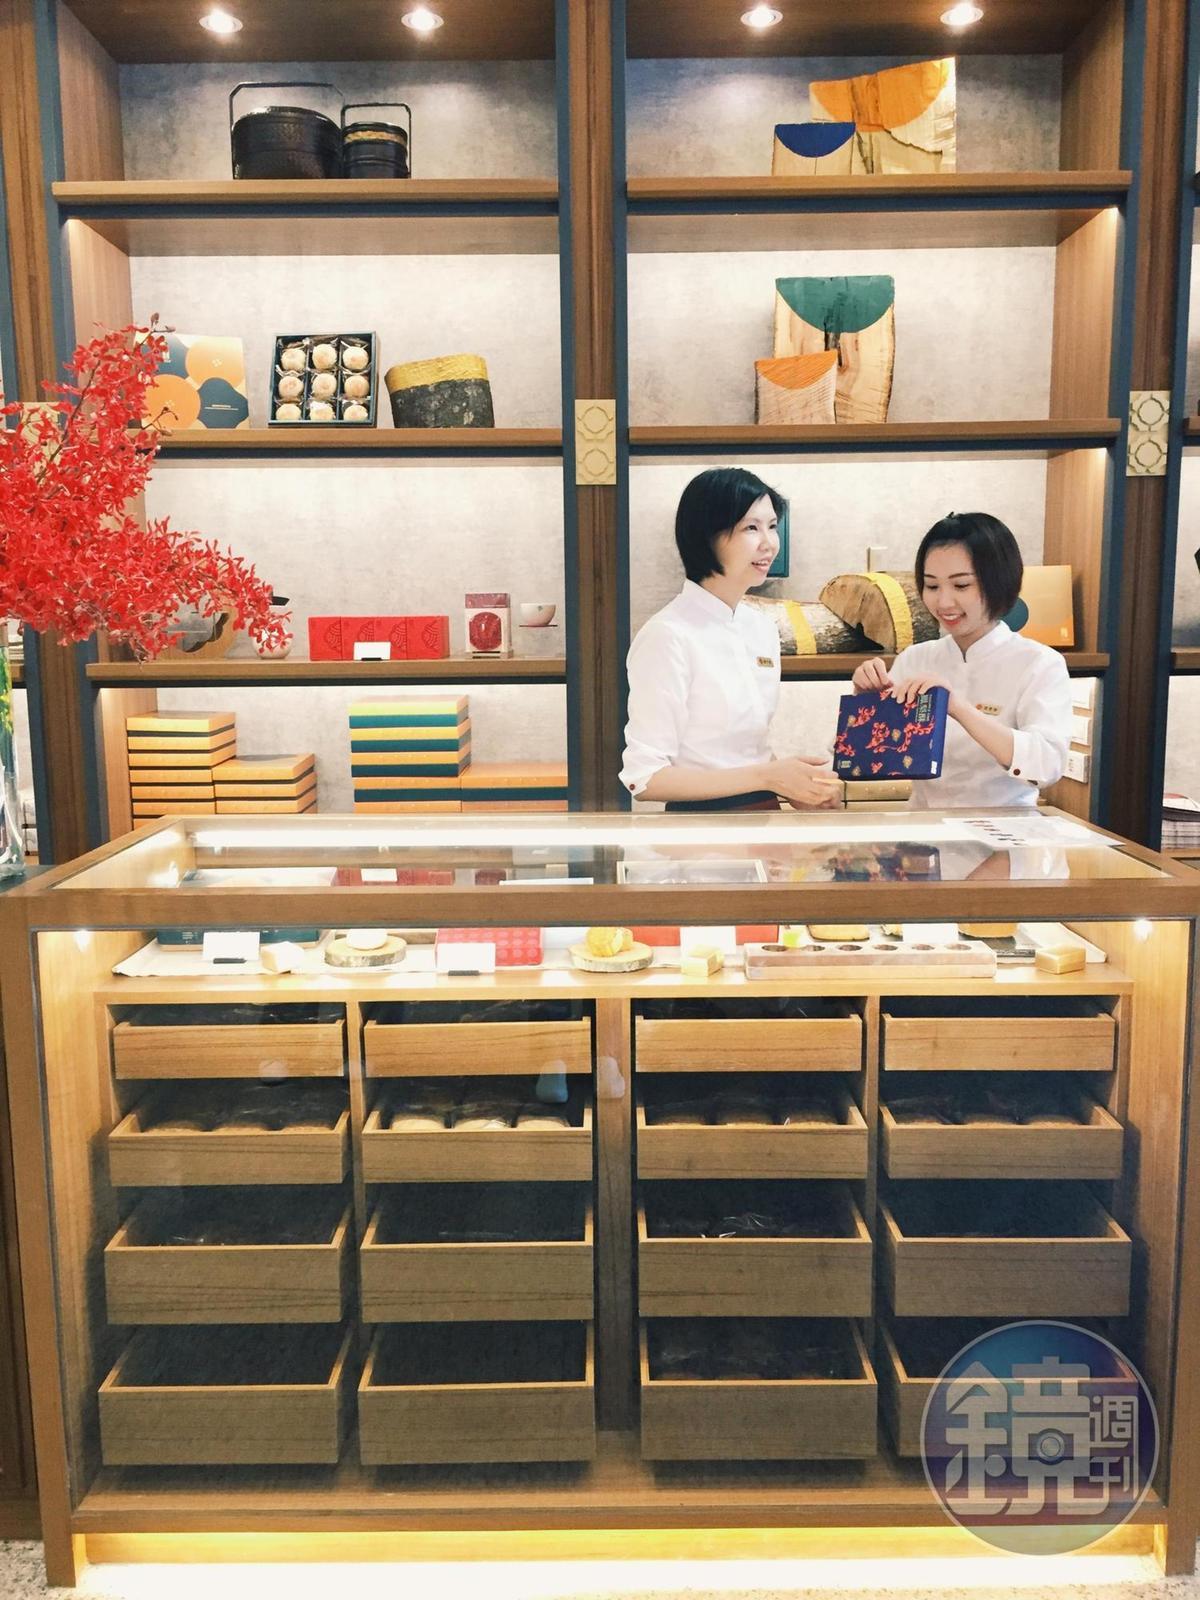 漢餅櫃設計成襯衫櫃造型,配上鮮豔包裝用色,非常時髦。